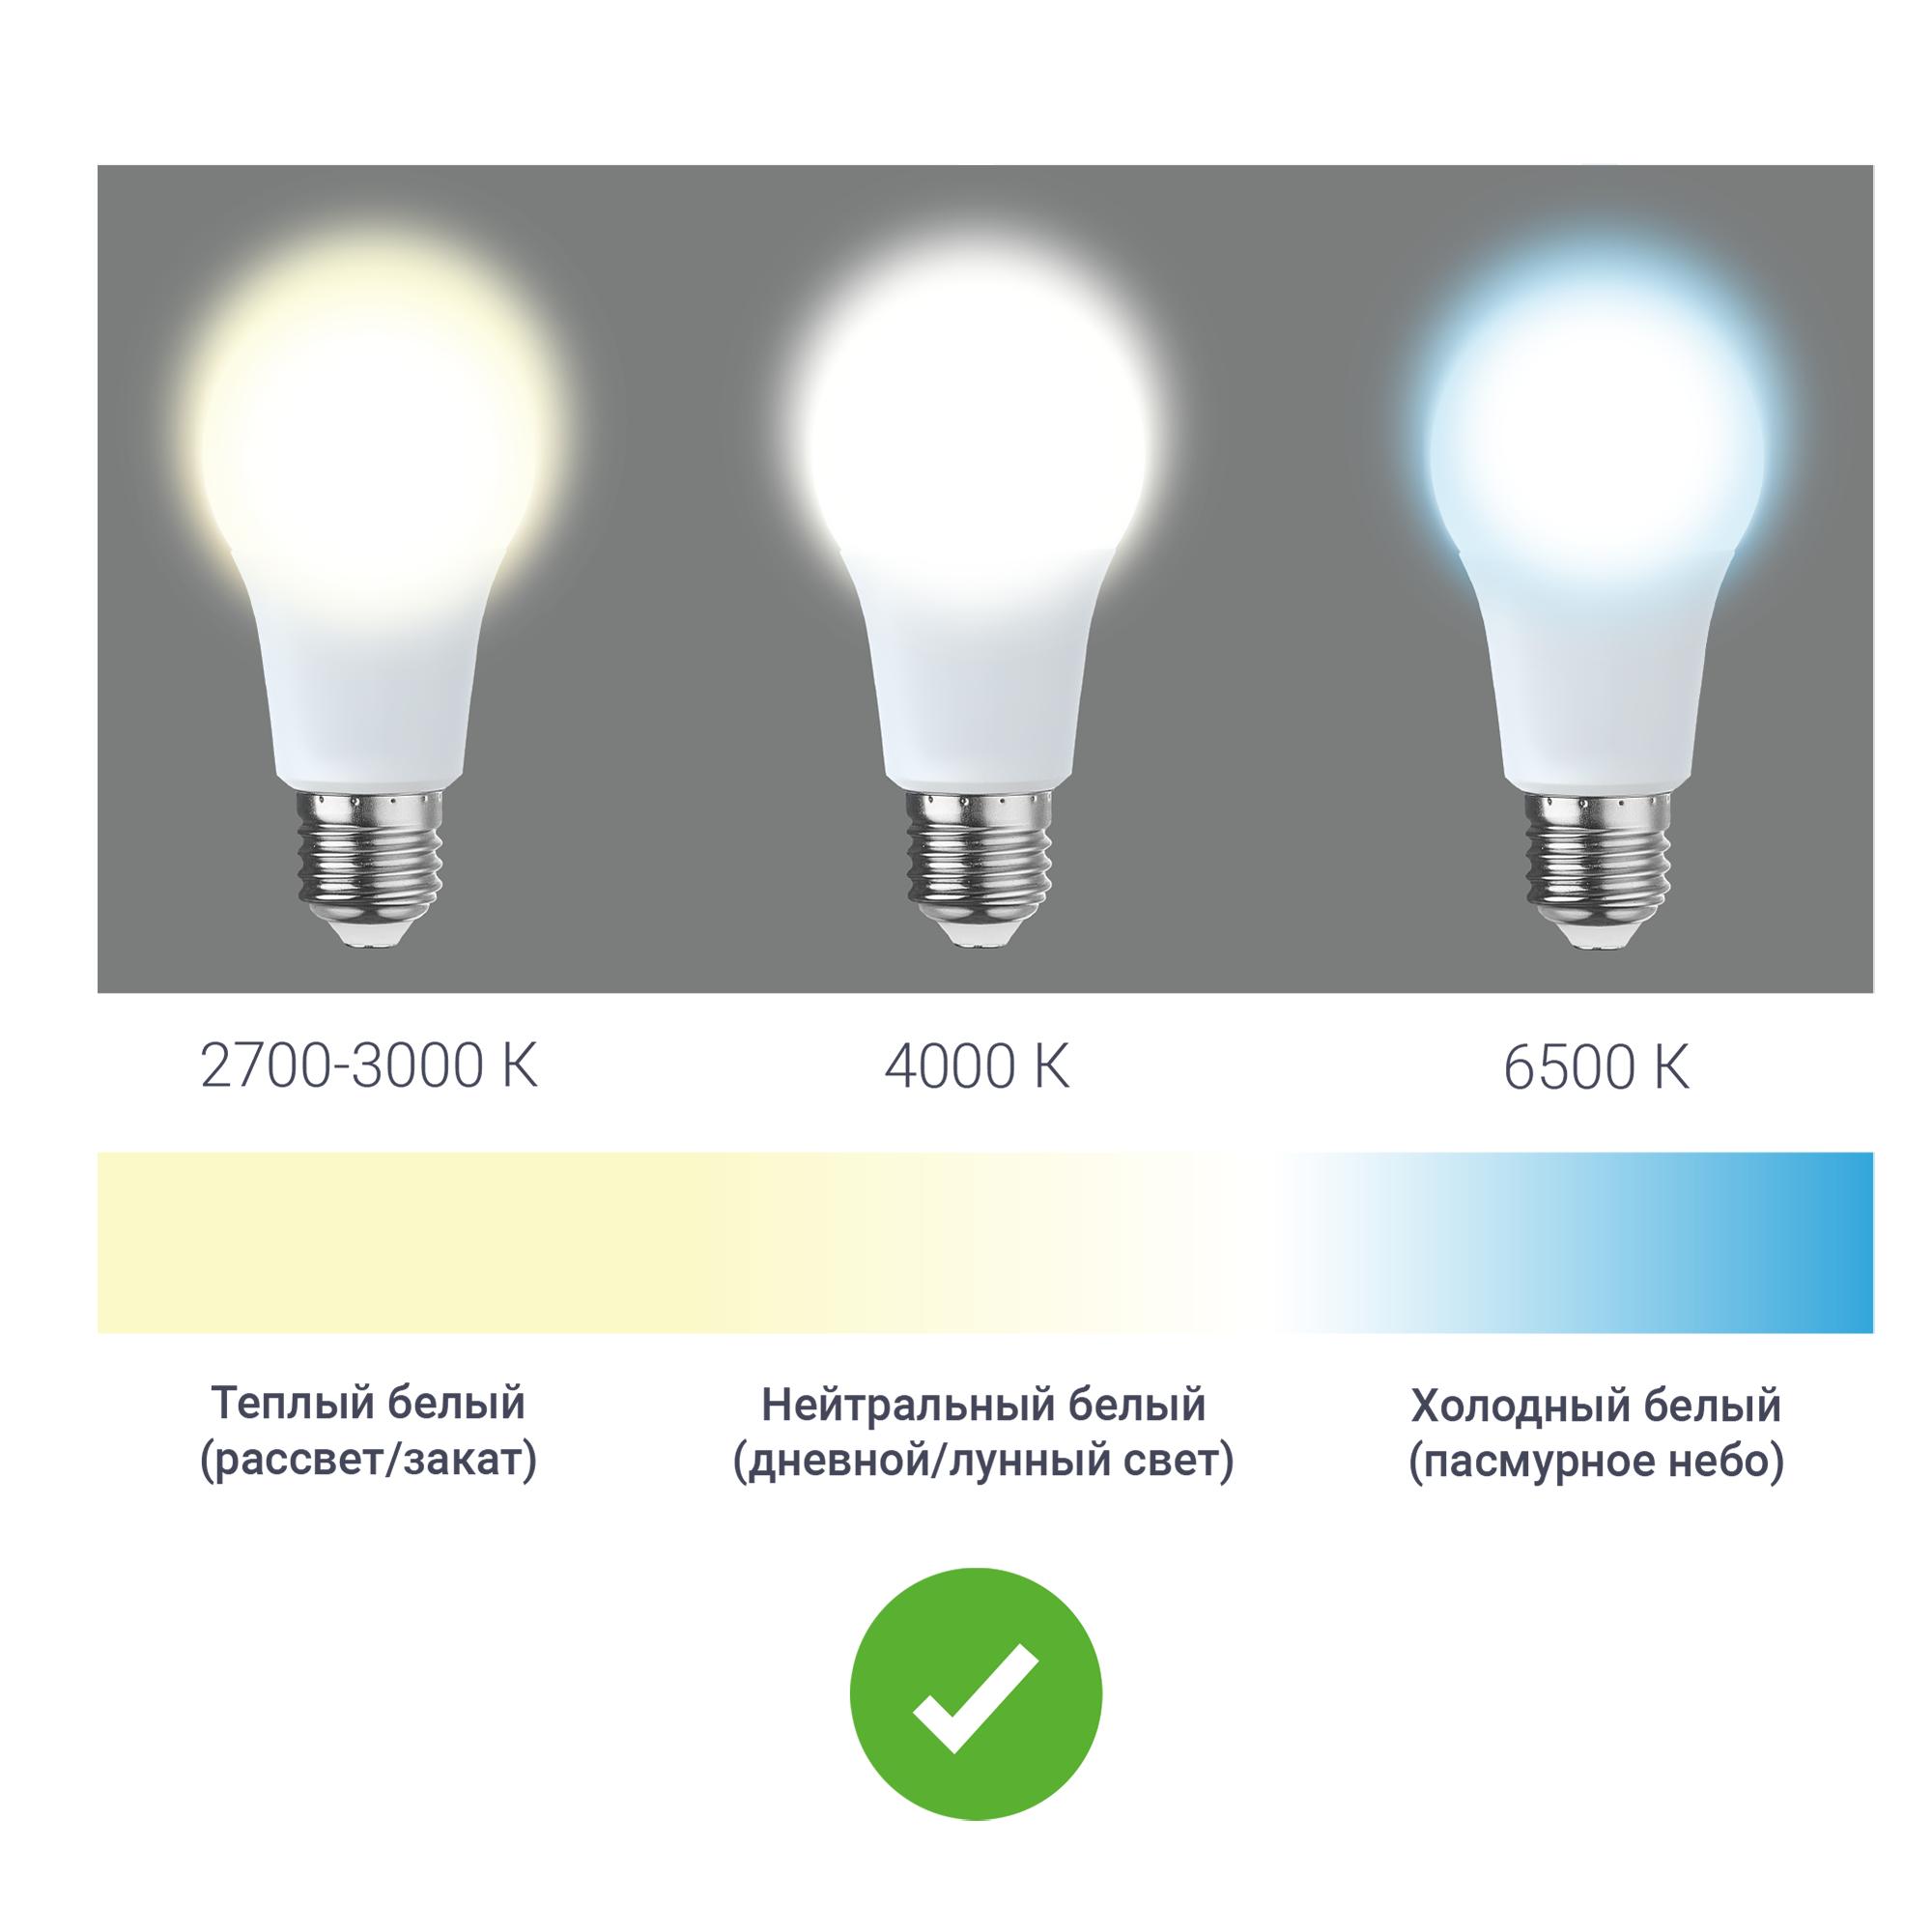 Лампа светодиодная филаментная Osram E14 220 В 5 Вт шар прозрачная 520 лм белый свет для диммера